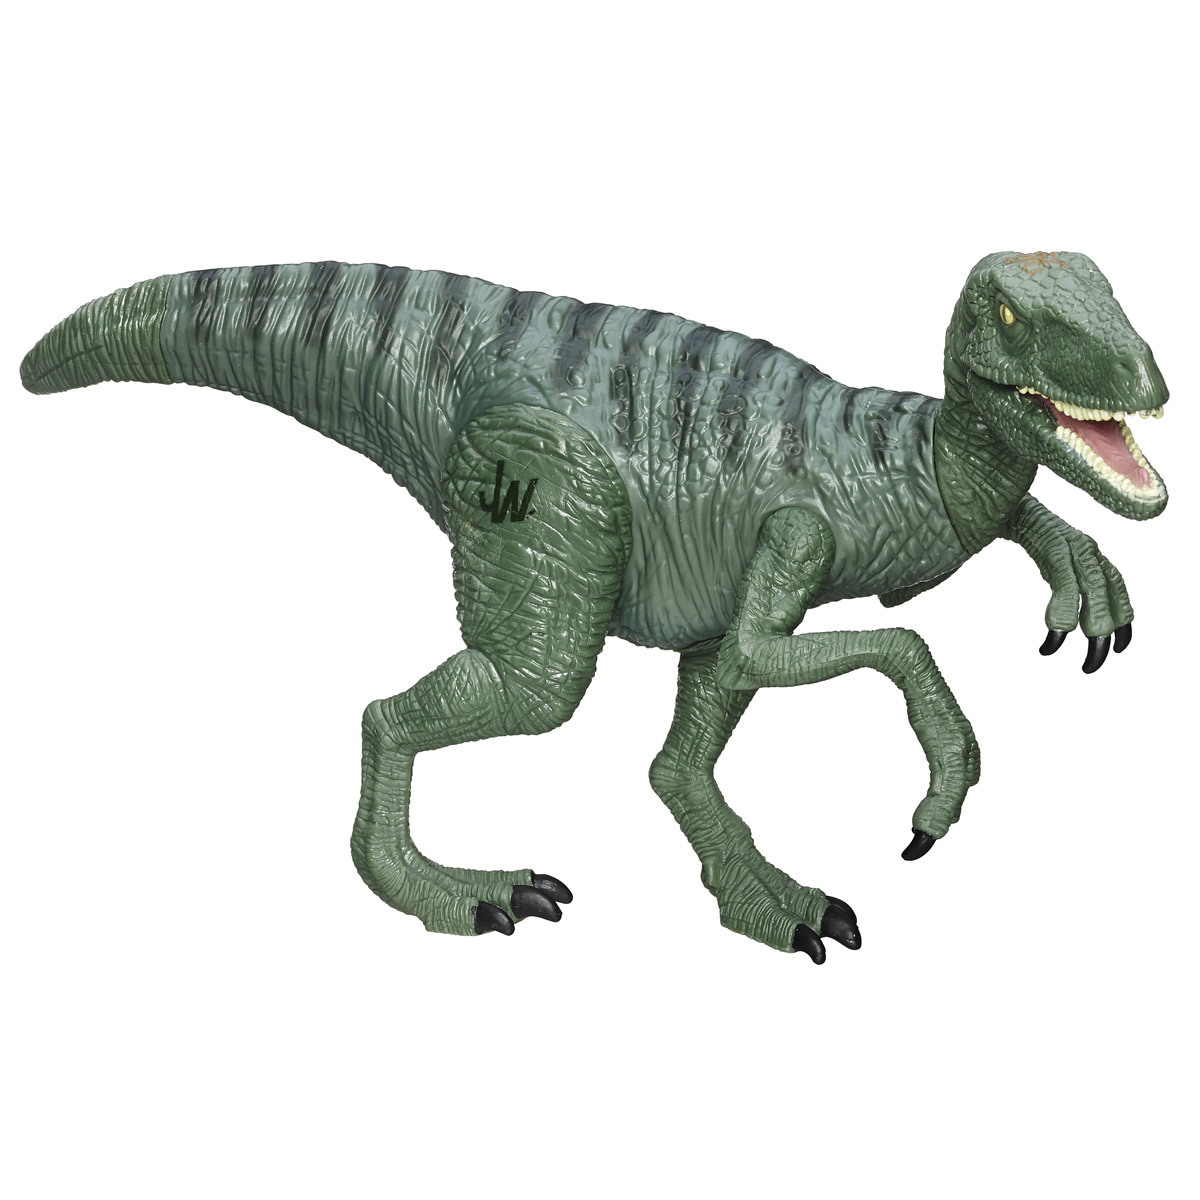 Фигурка Jurassic World Титаны: Velociraptor Charlie hasbro фигурки b1139 титаны динозавры мира юрского периода в ассорт jurassic world